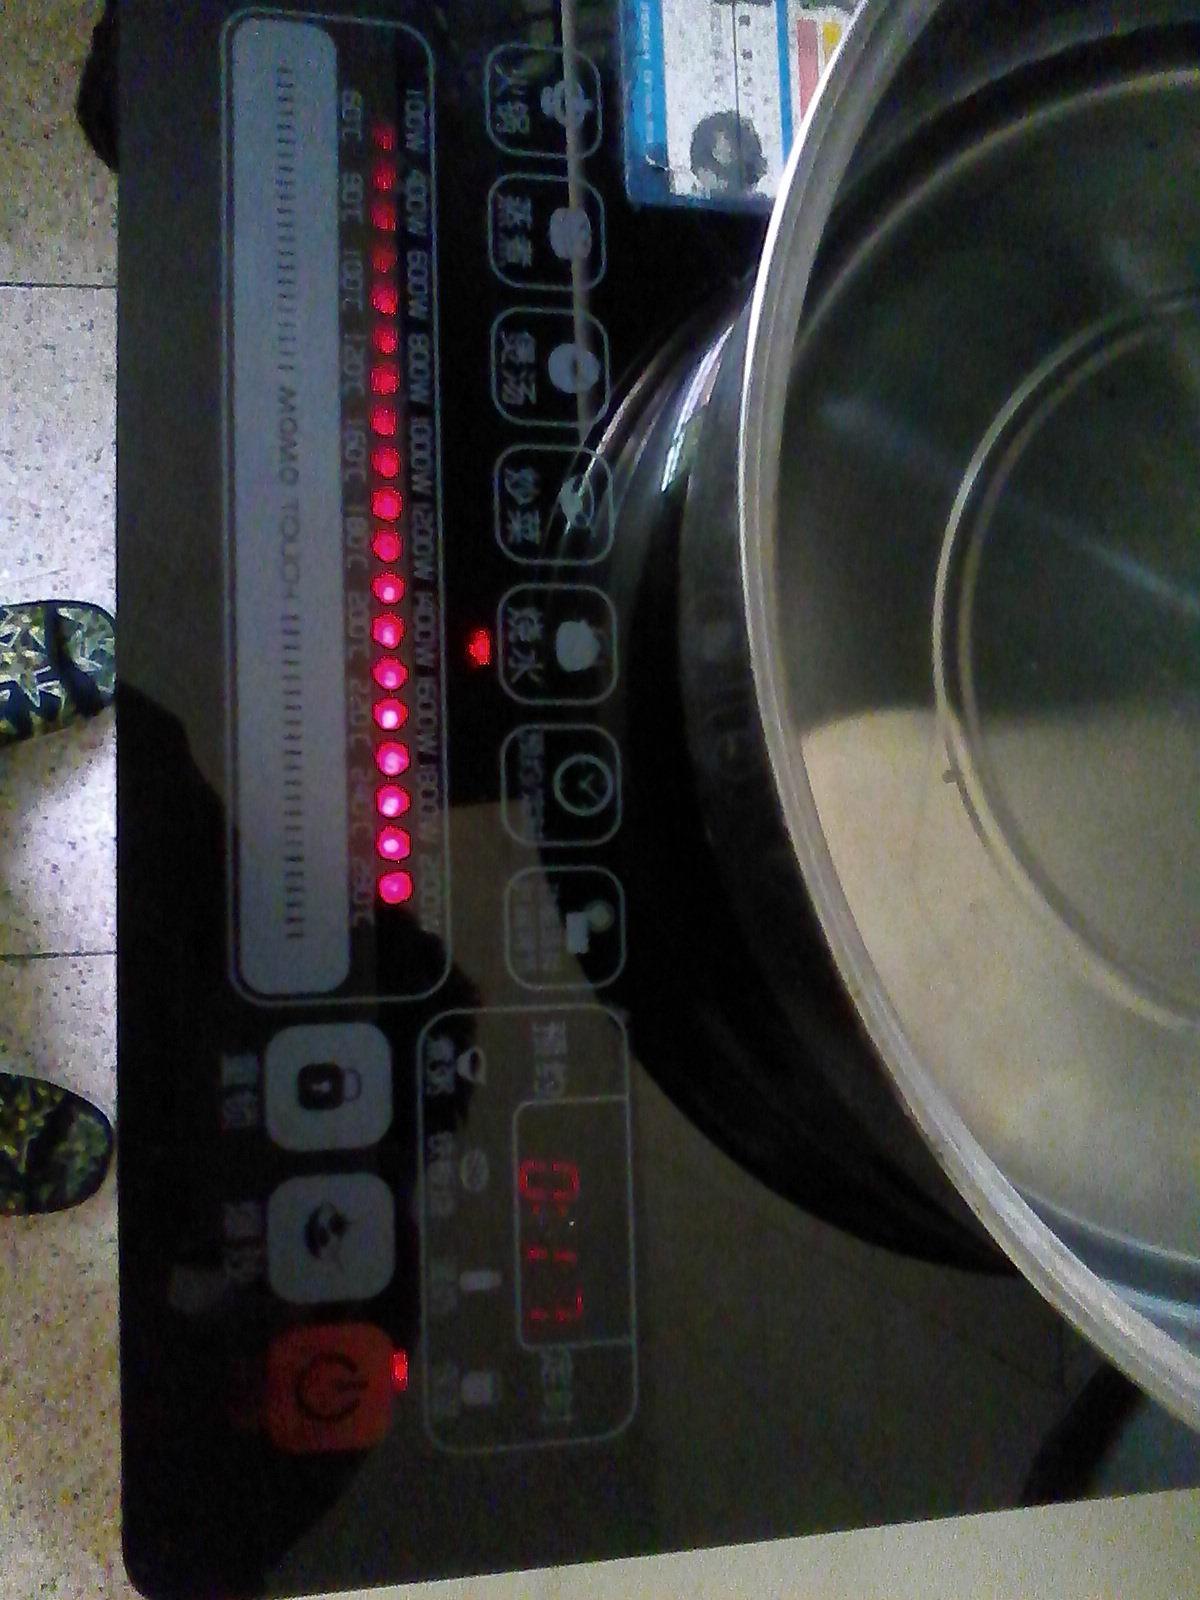 奔腾c21-pg05电磁炉不加热50